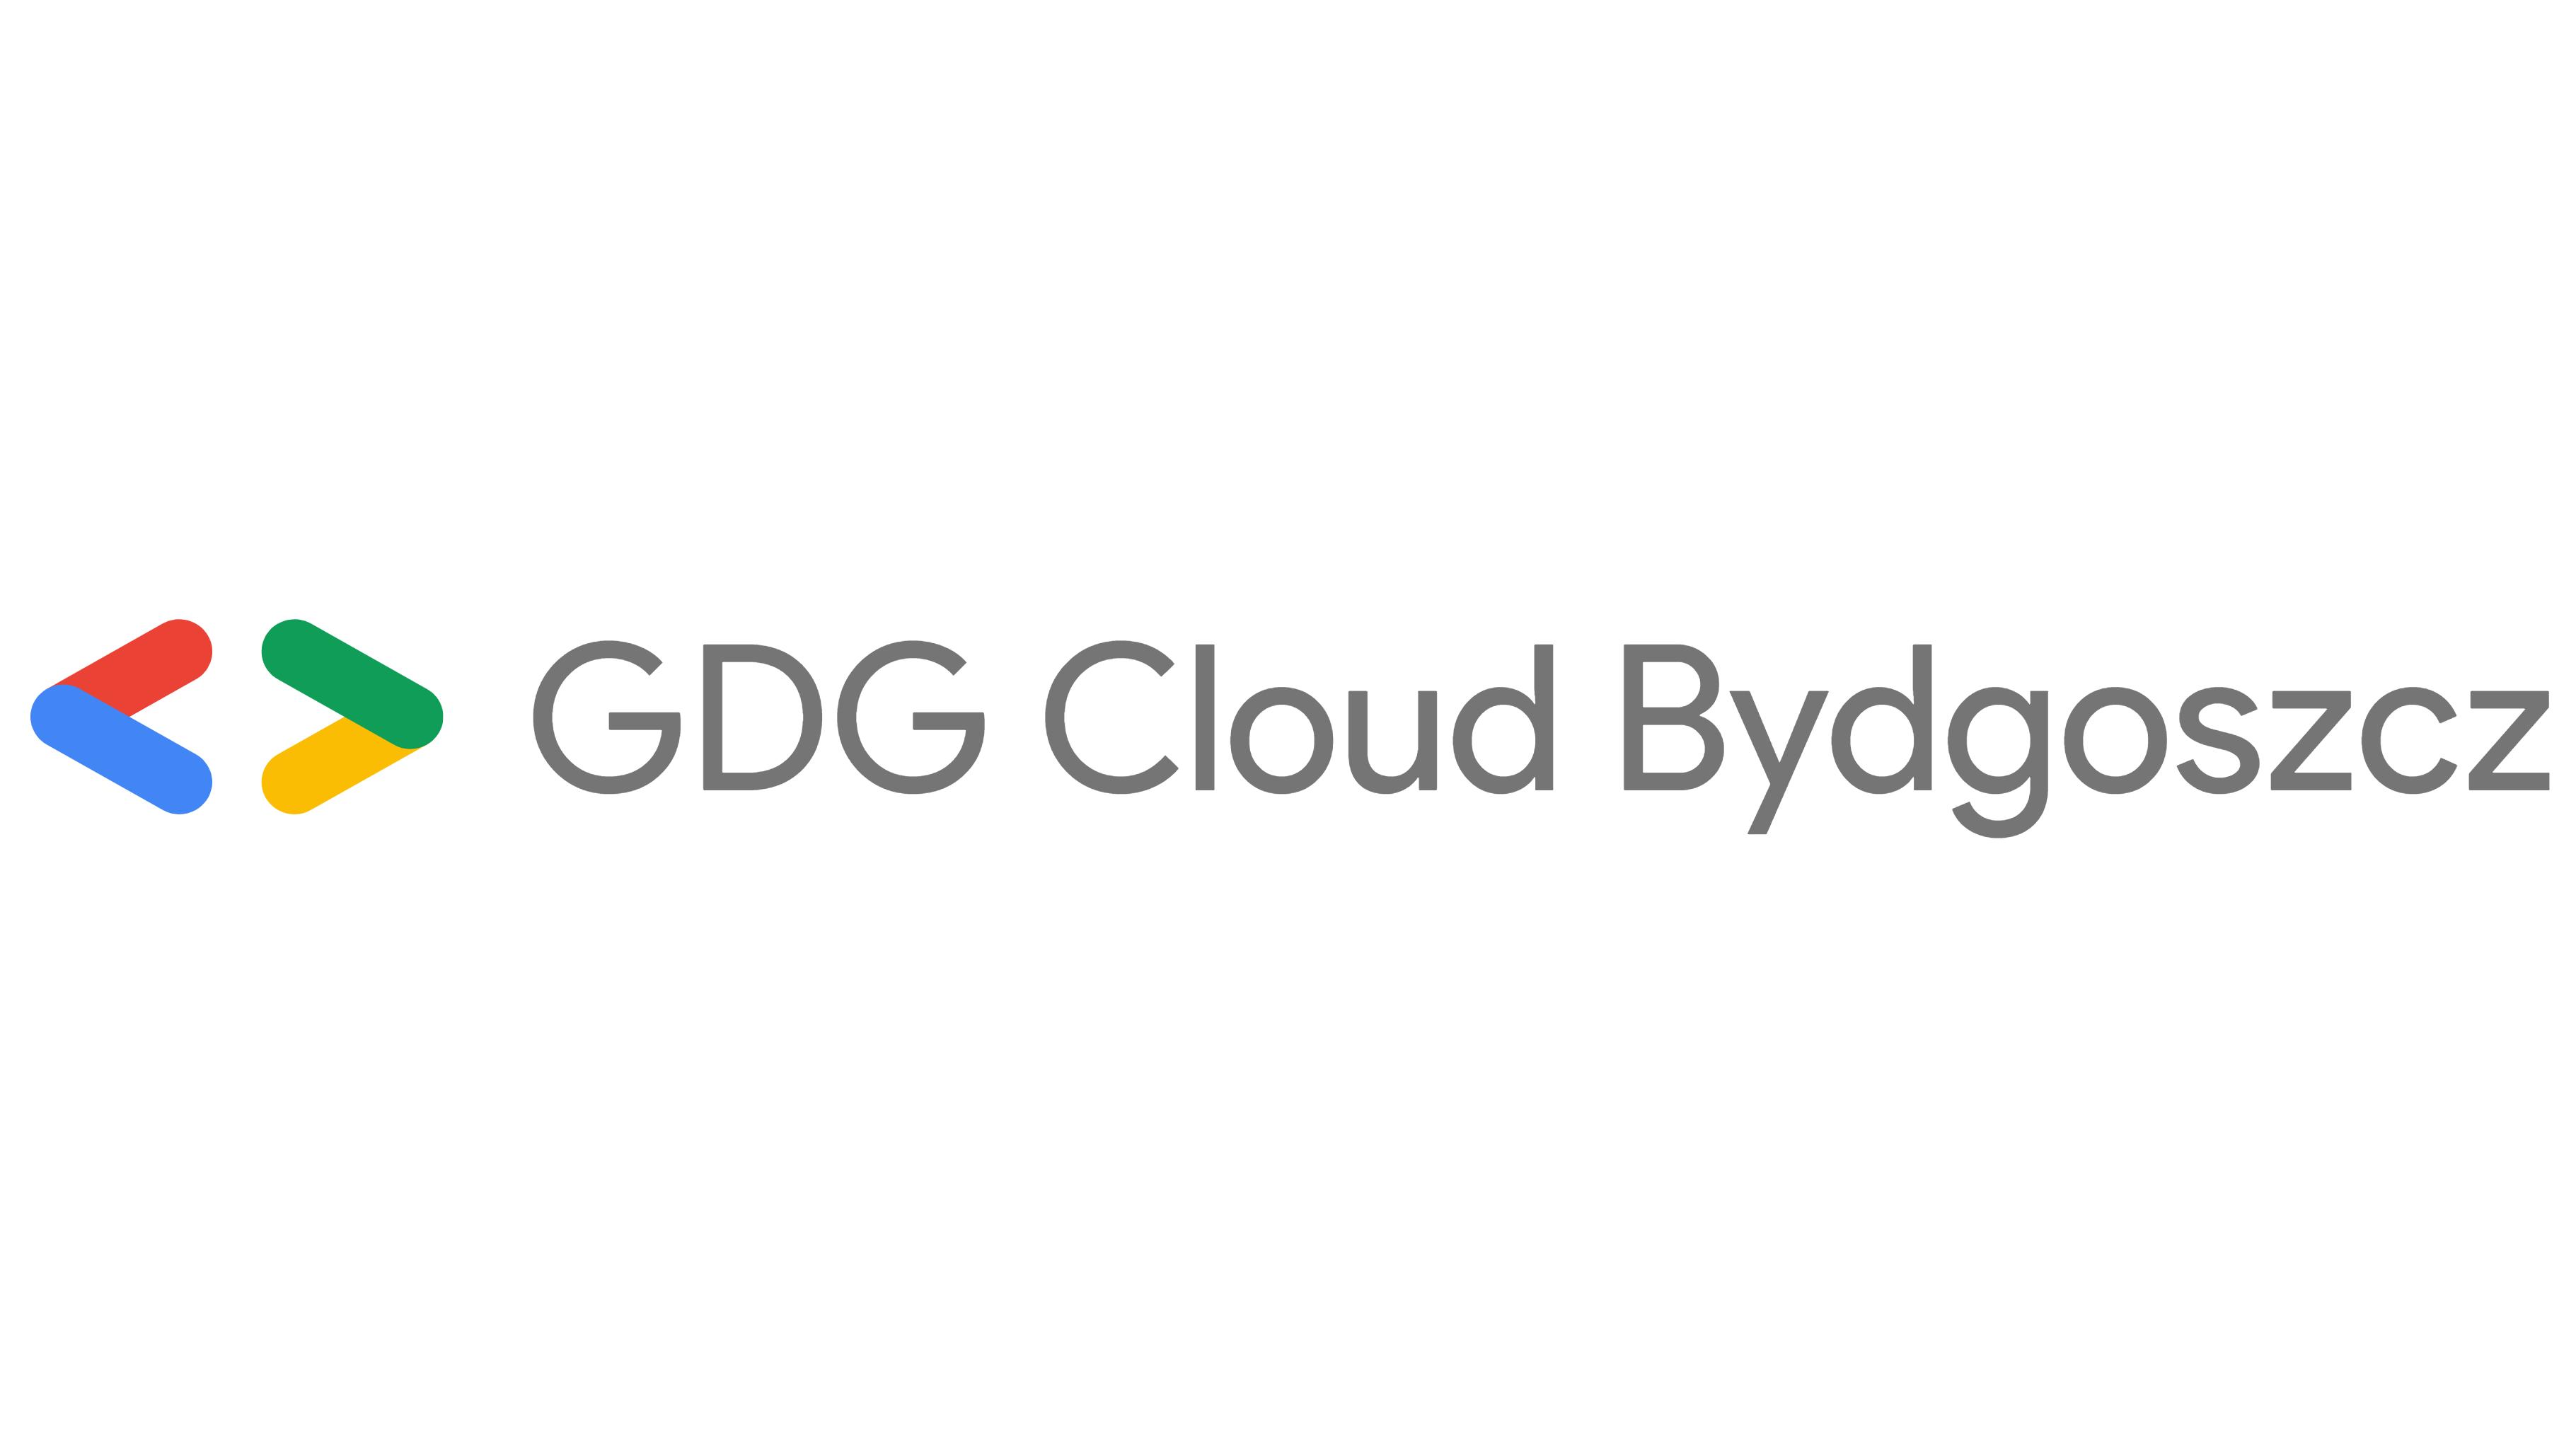 GDG Cloud Bydgoszcz